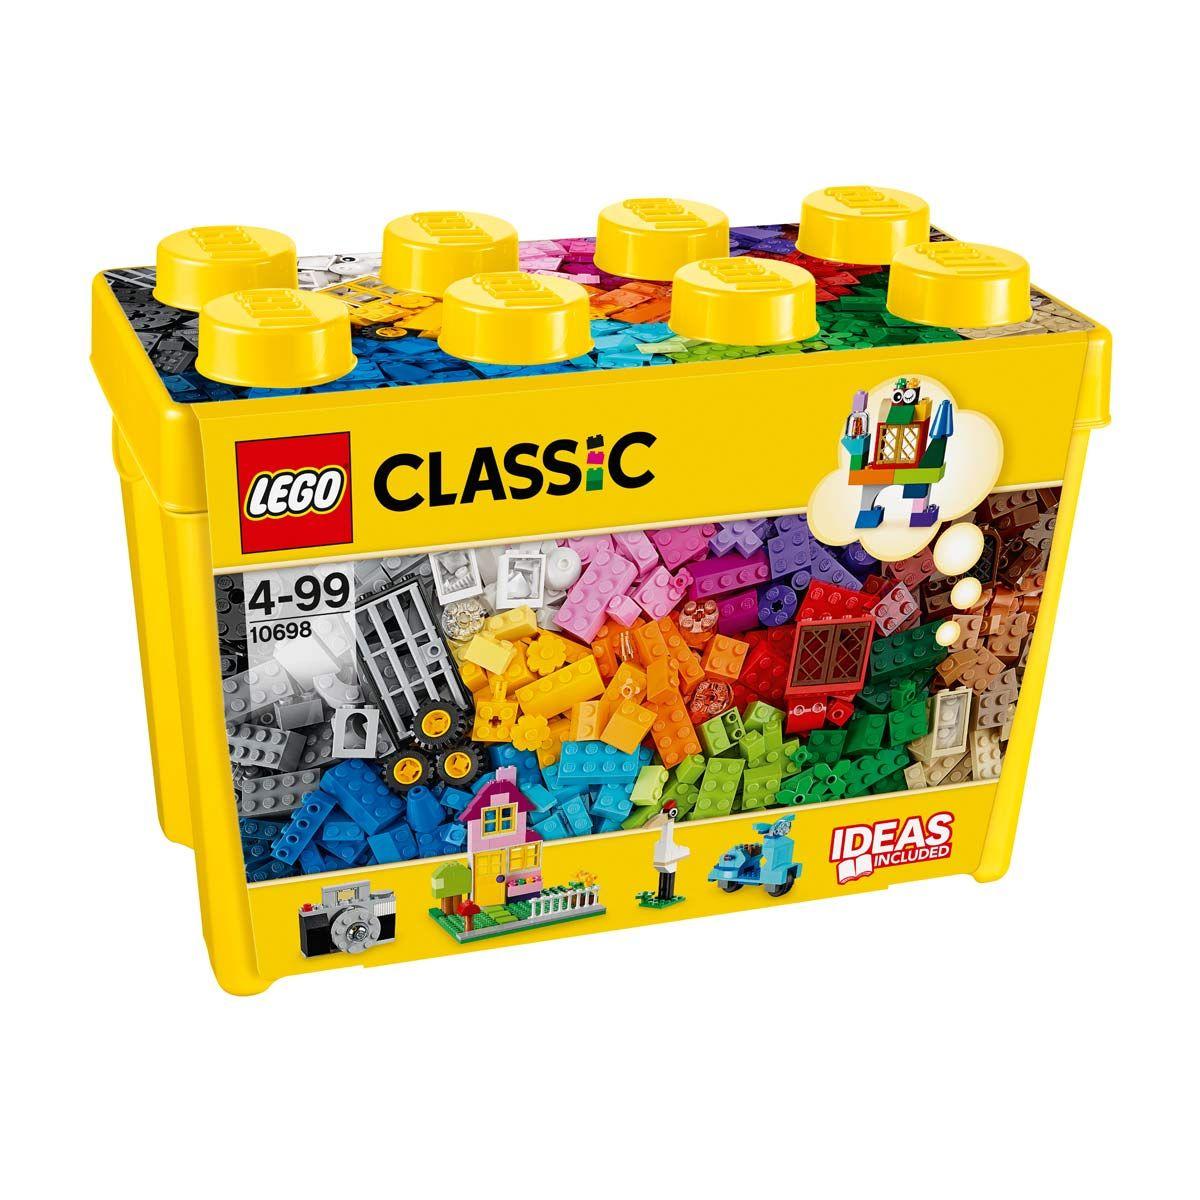 10698 Boîte De Briques Créatives Deluxe Lego Classic Lego destiné Casse Brique Enfant